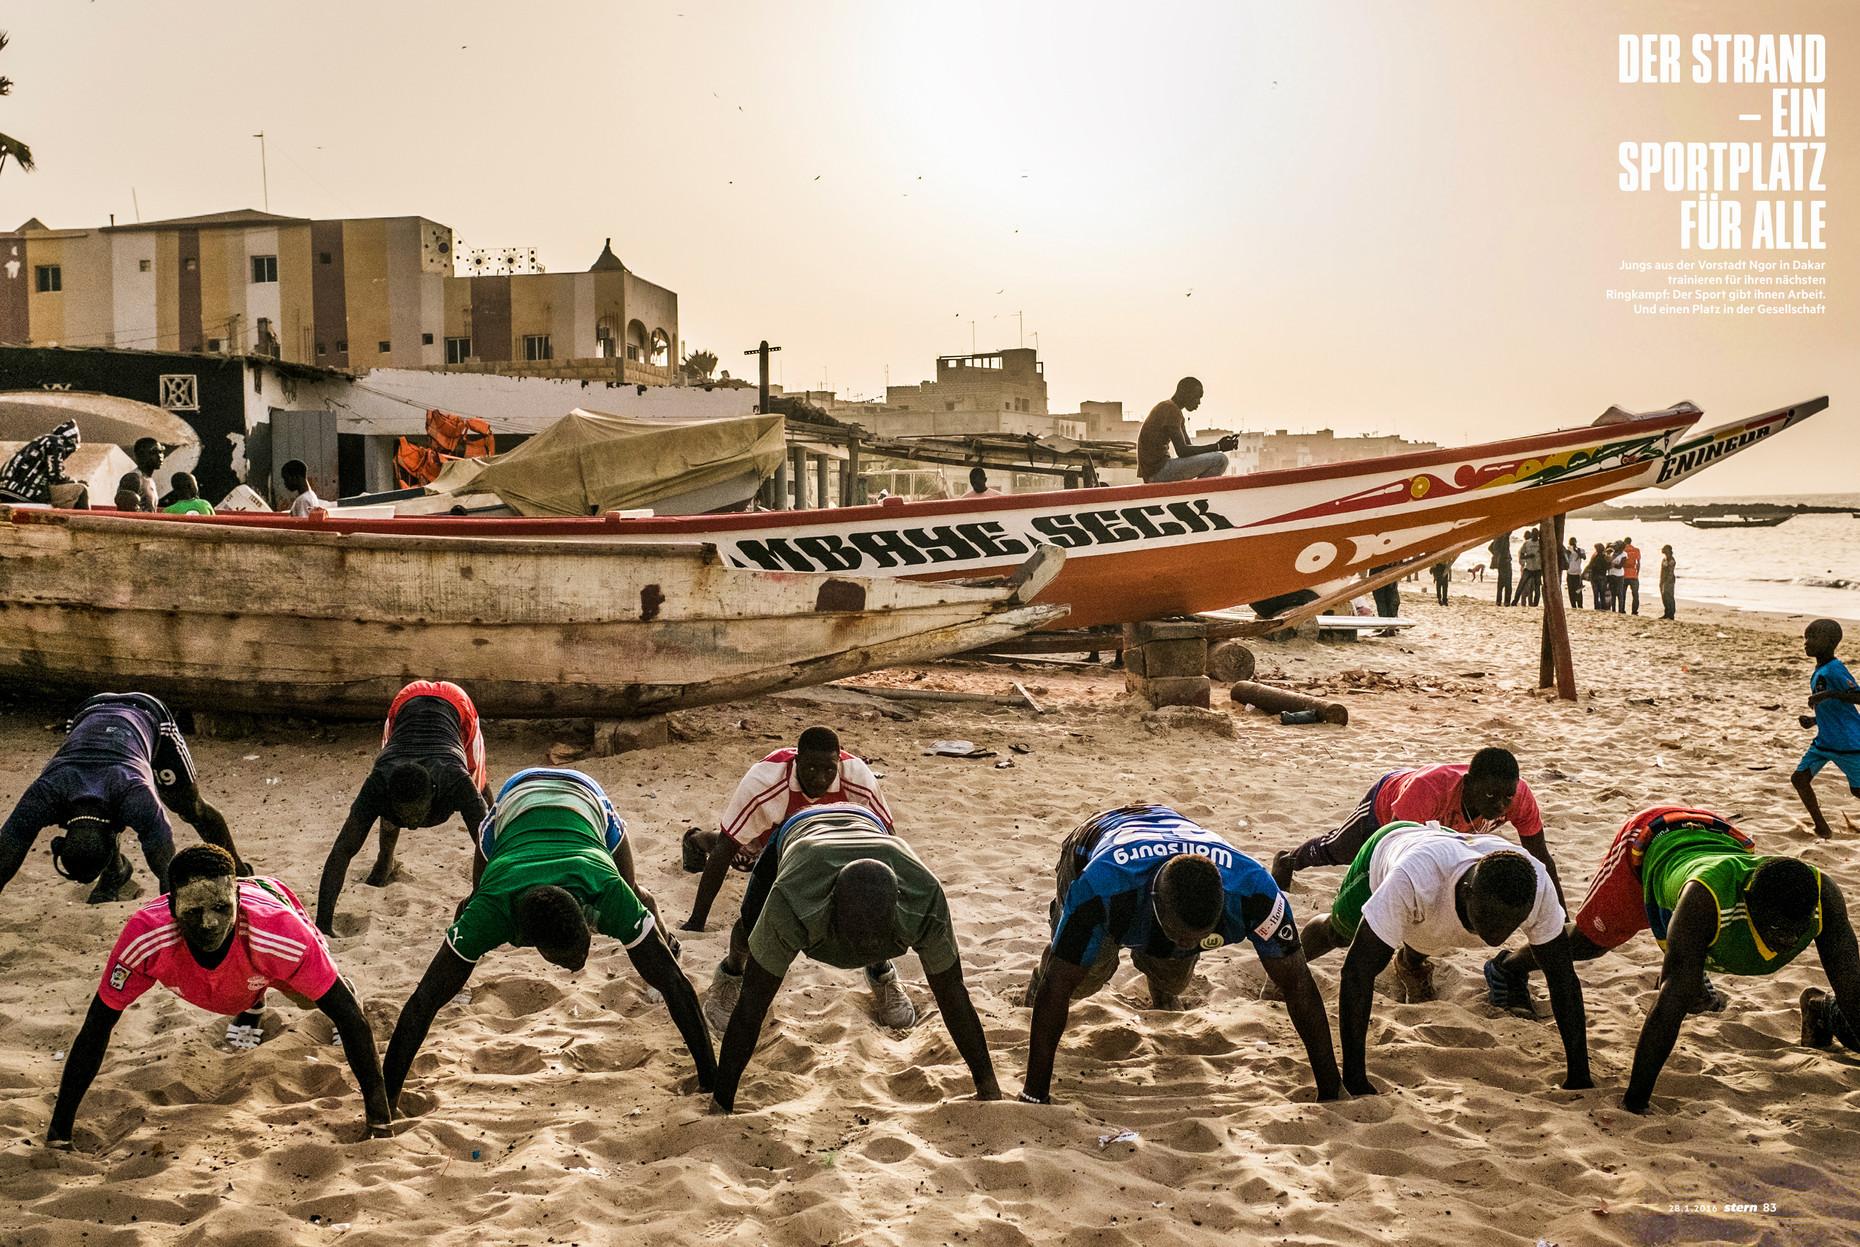 Senegal_Ringer_Reportage_05_2016-2.JPG